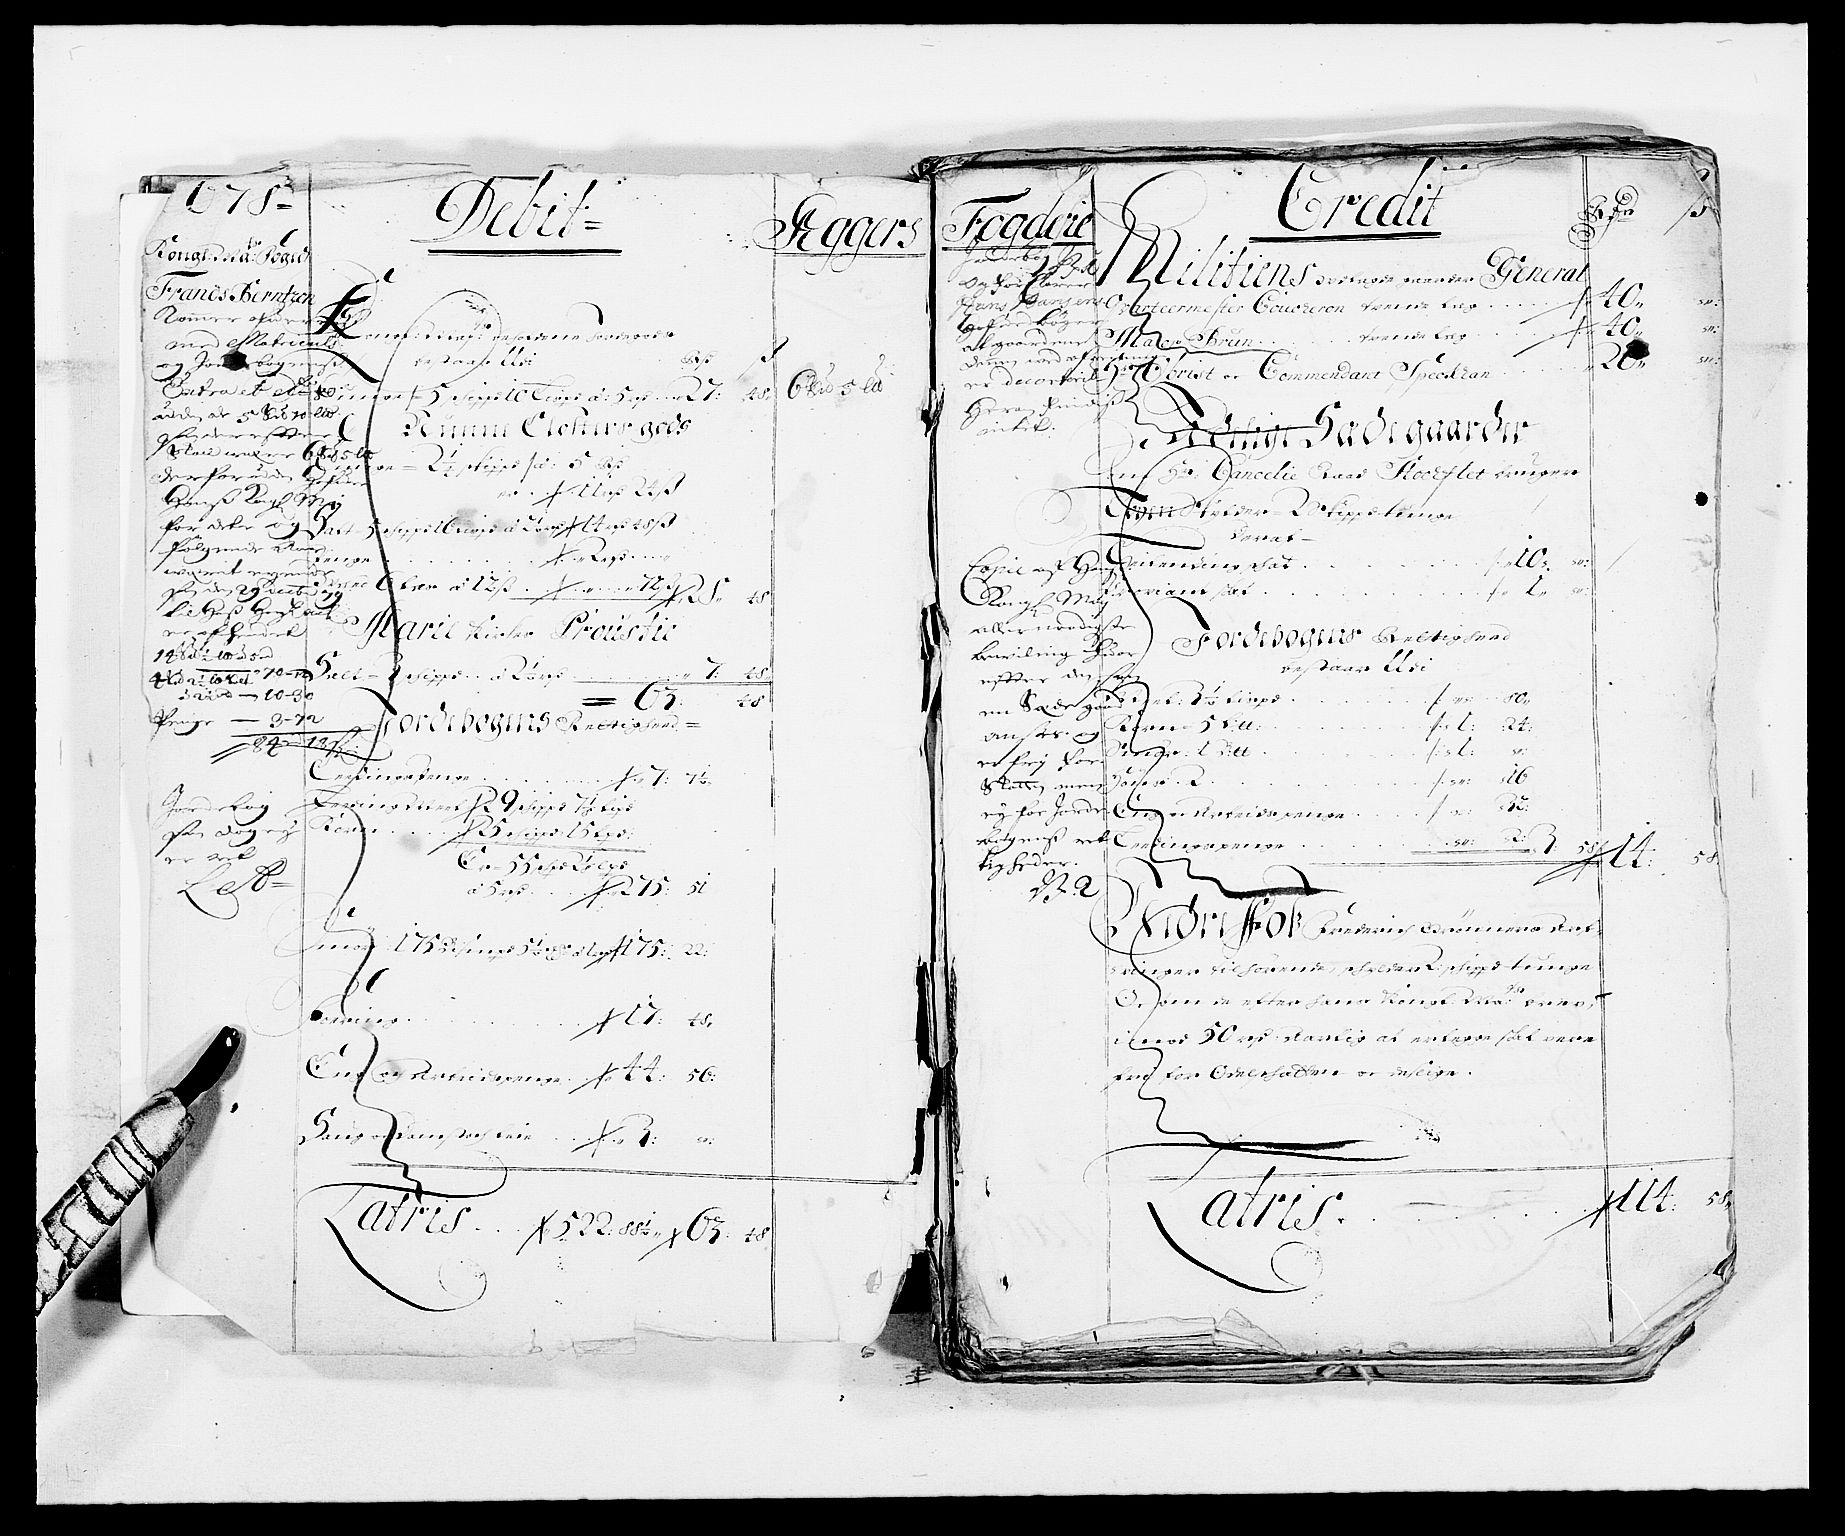 RA, Rentekammeret inntil 1814, Reviderte regnskaper, Fogderegnskap, R08/L0416: Fogderegnskap Aker, 1678-1681, s. 3